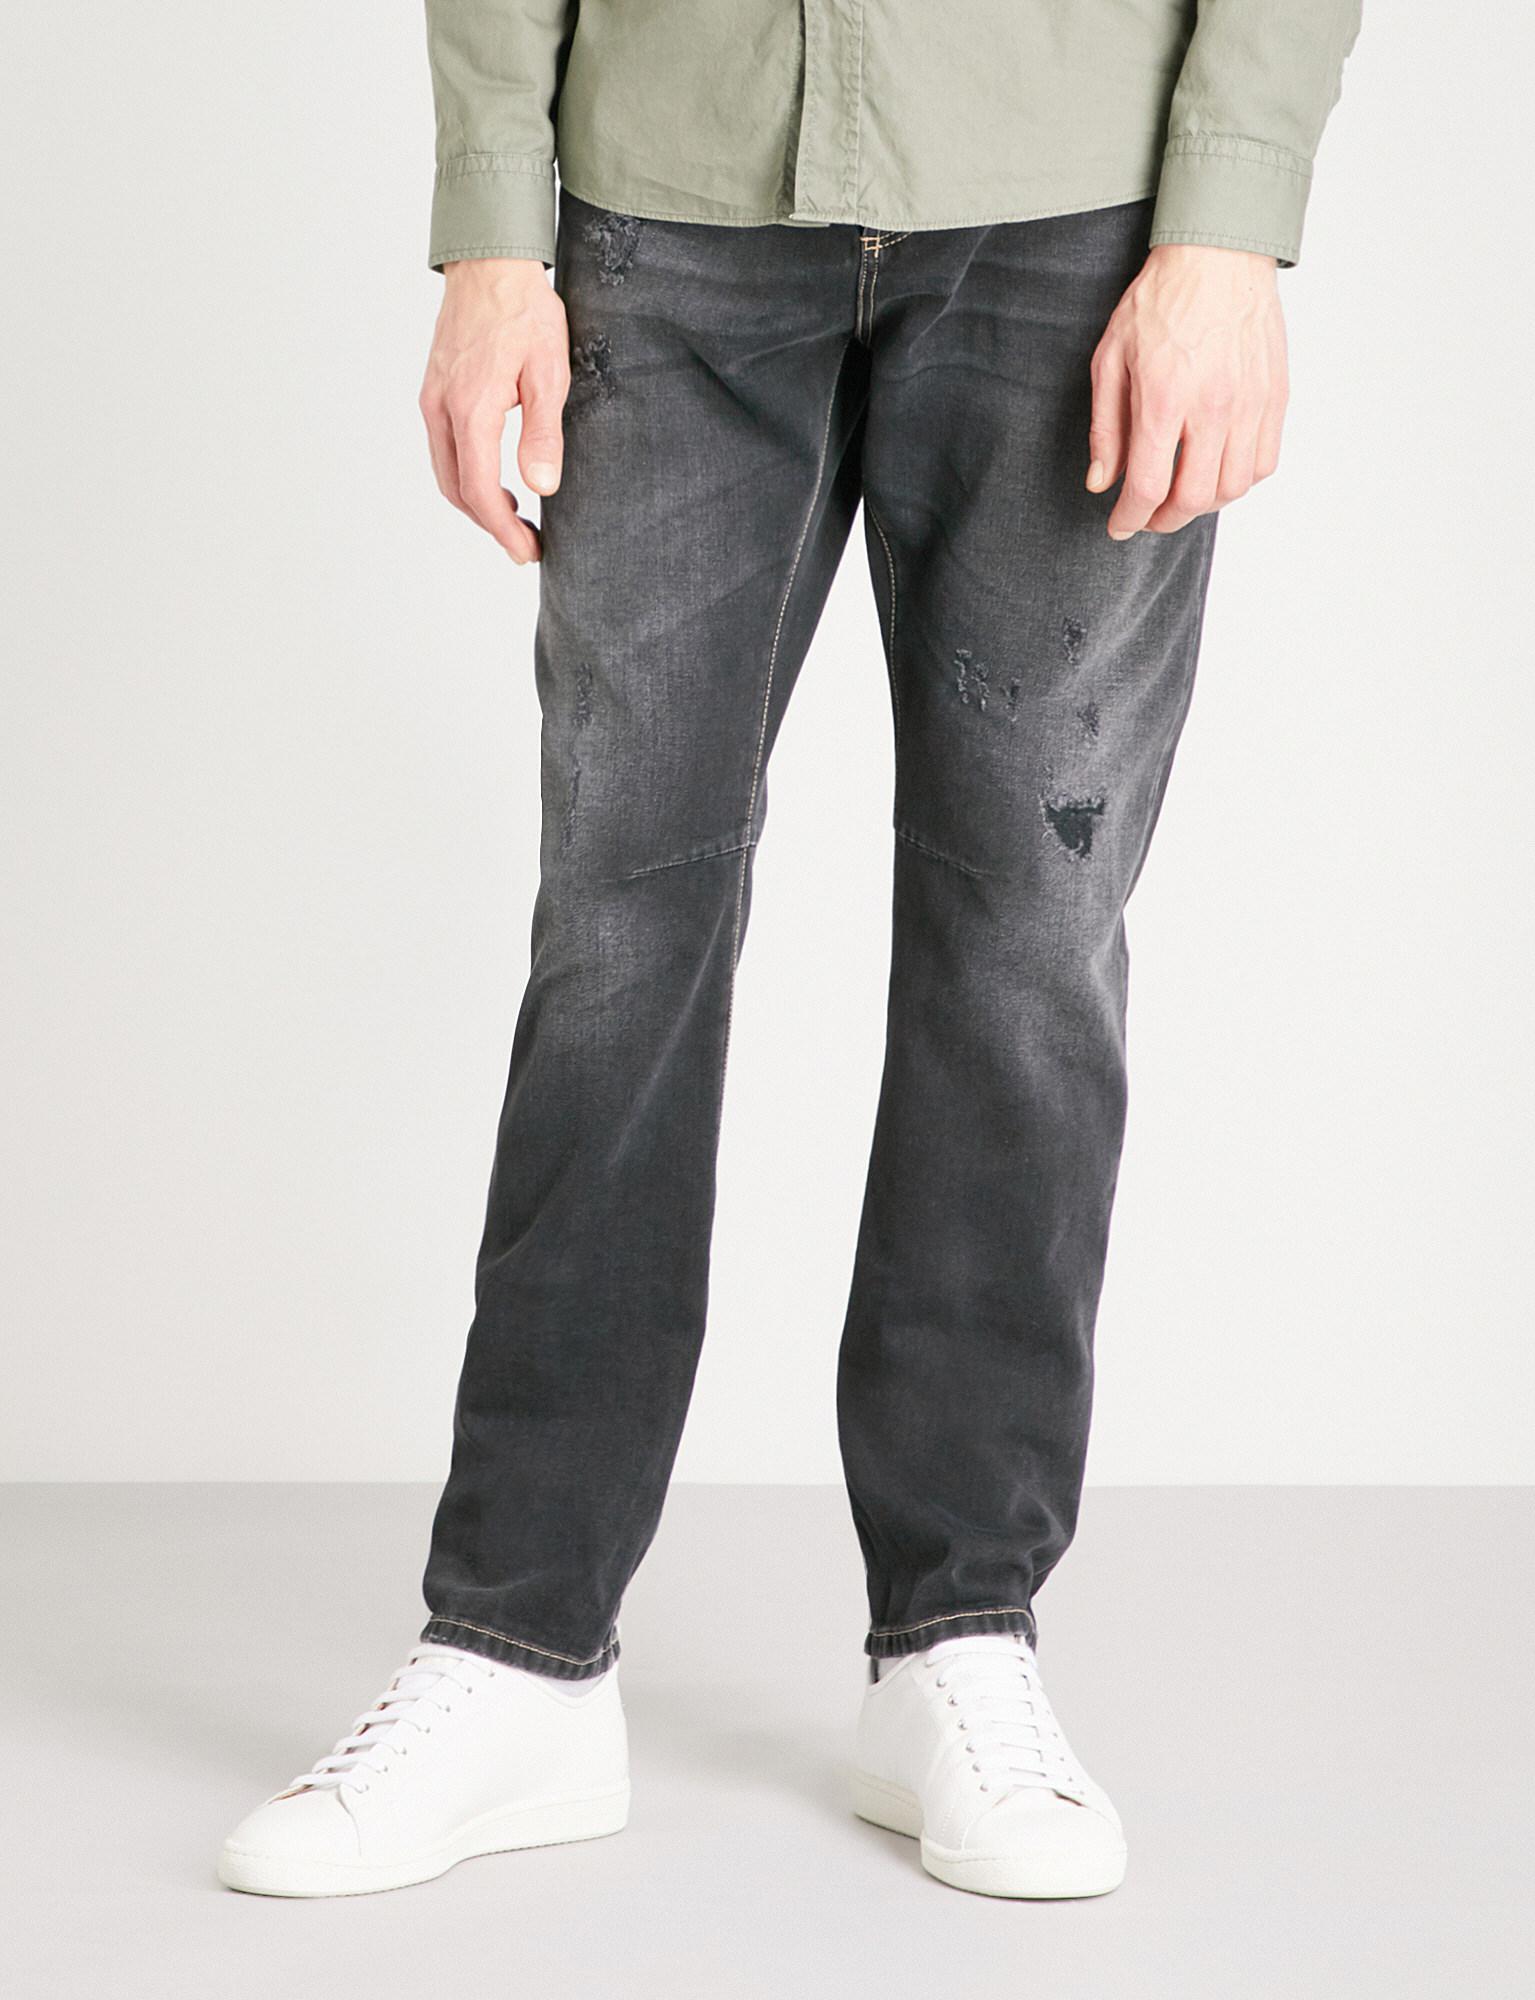 Jeans Traditional Fit dark grey Brunello Cucinelli paBlPktv